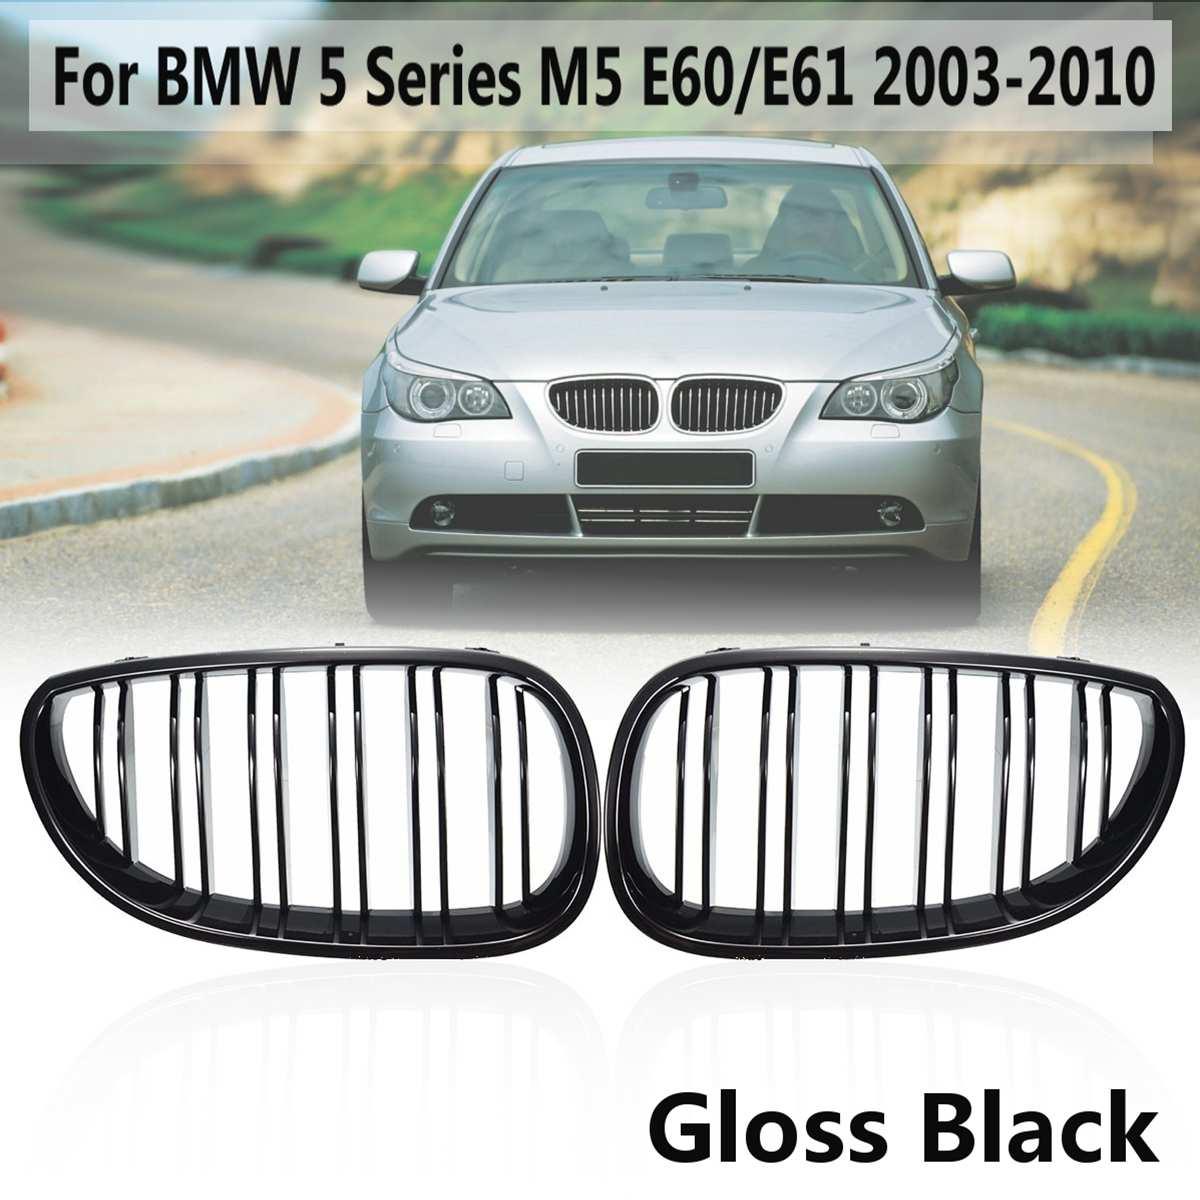 Avant de voiture Sport Grill Rein Grilles Grill Pour BMW Série 5 M5 E60/E61 2003 2004 2005 2006 2007 2008 2009 2010 Noir brillant